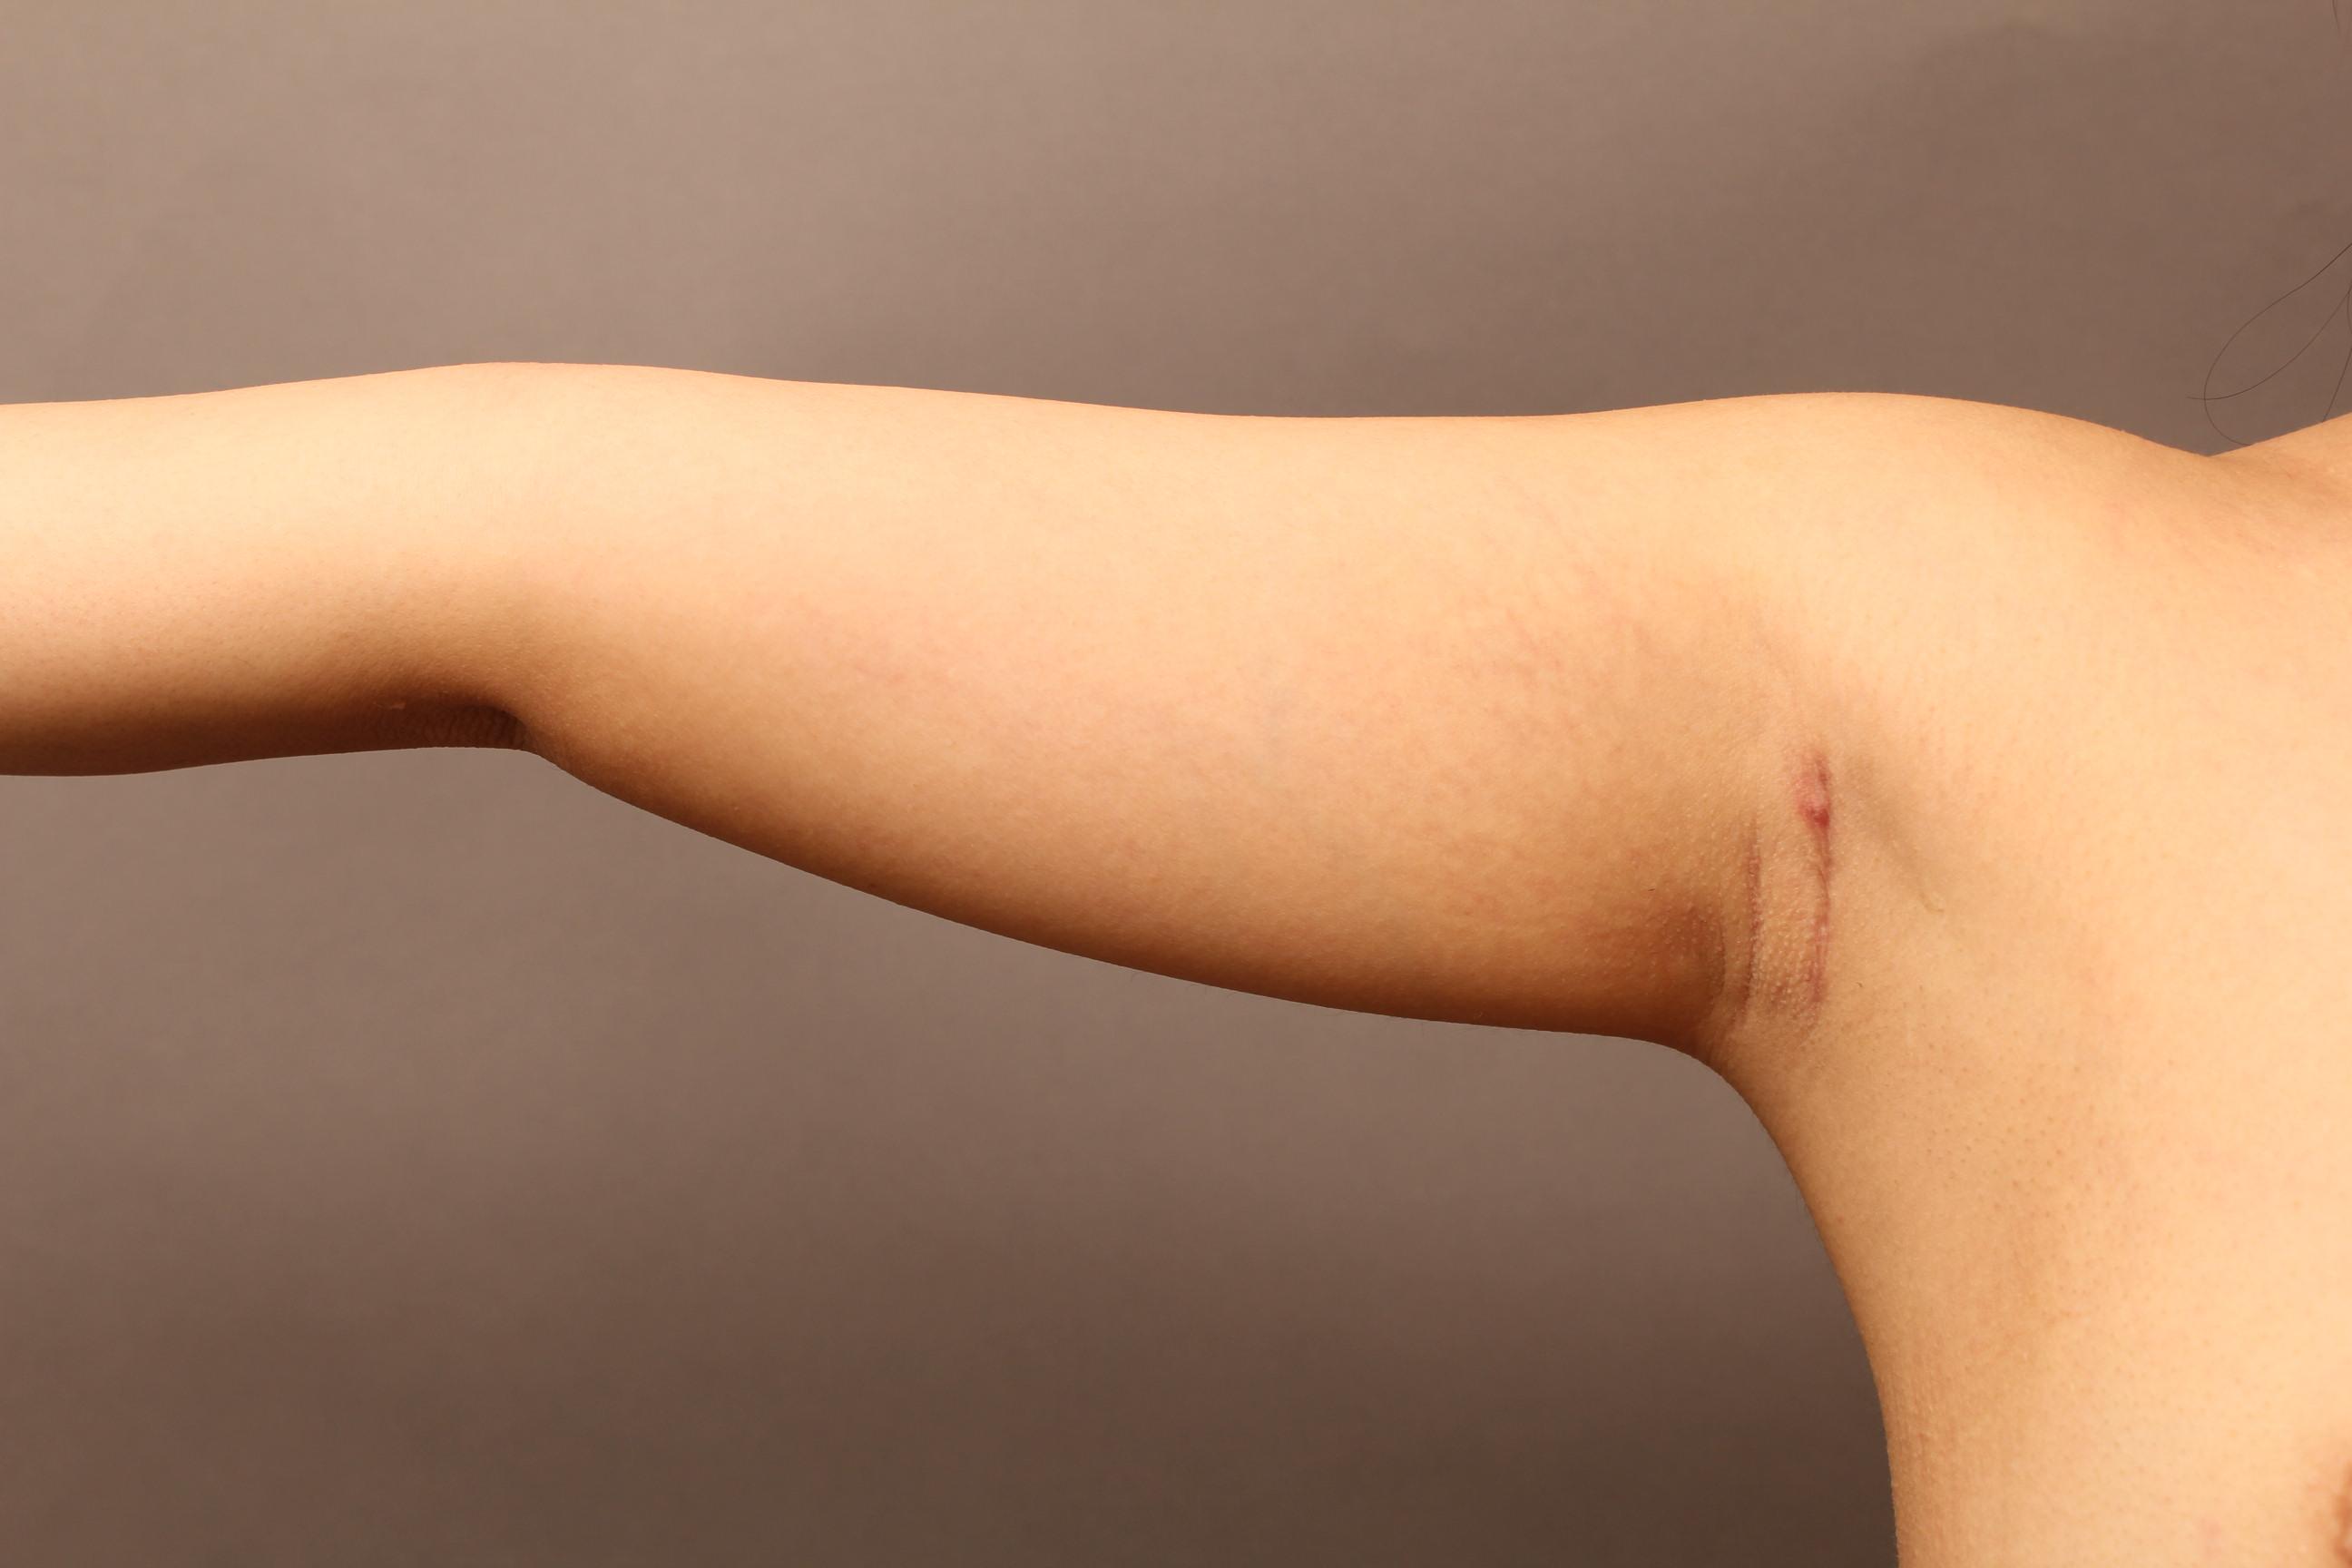 二の腕の脂肪吸引、1ヶ月で確実にほっそり:まだ夏のノースリーブに間に合います